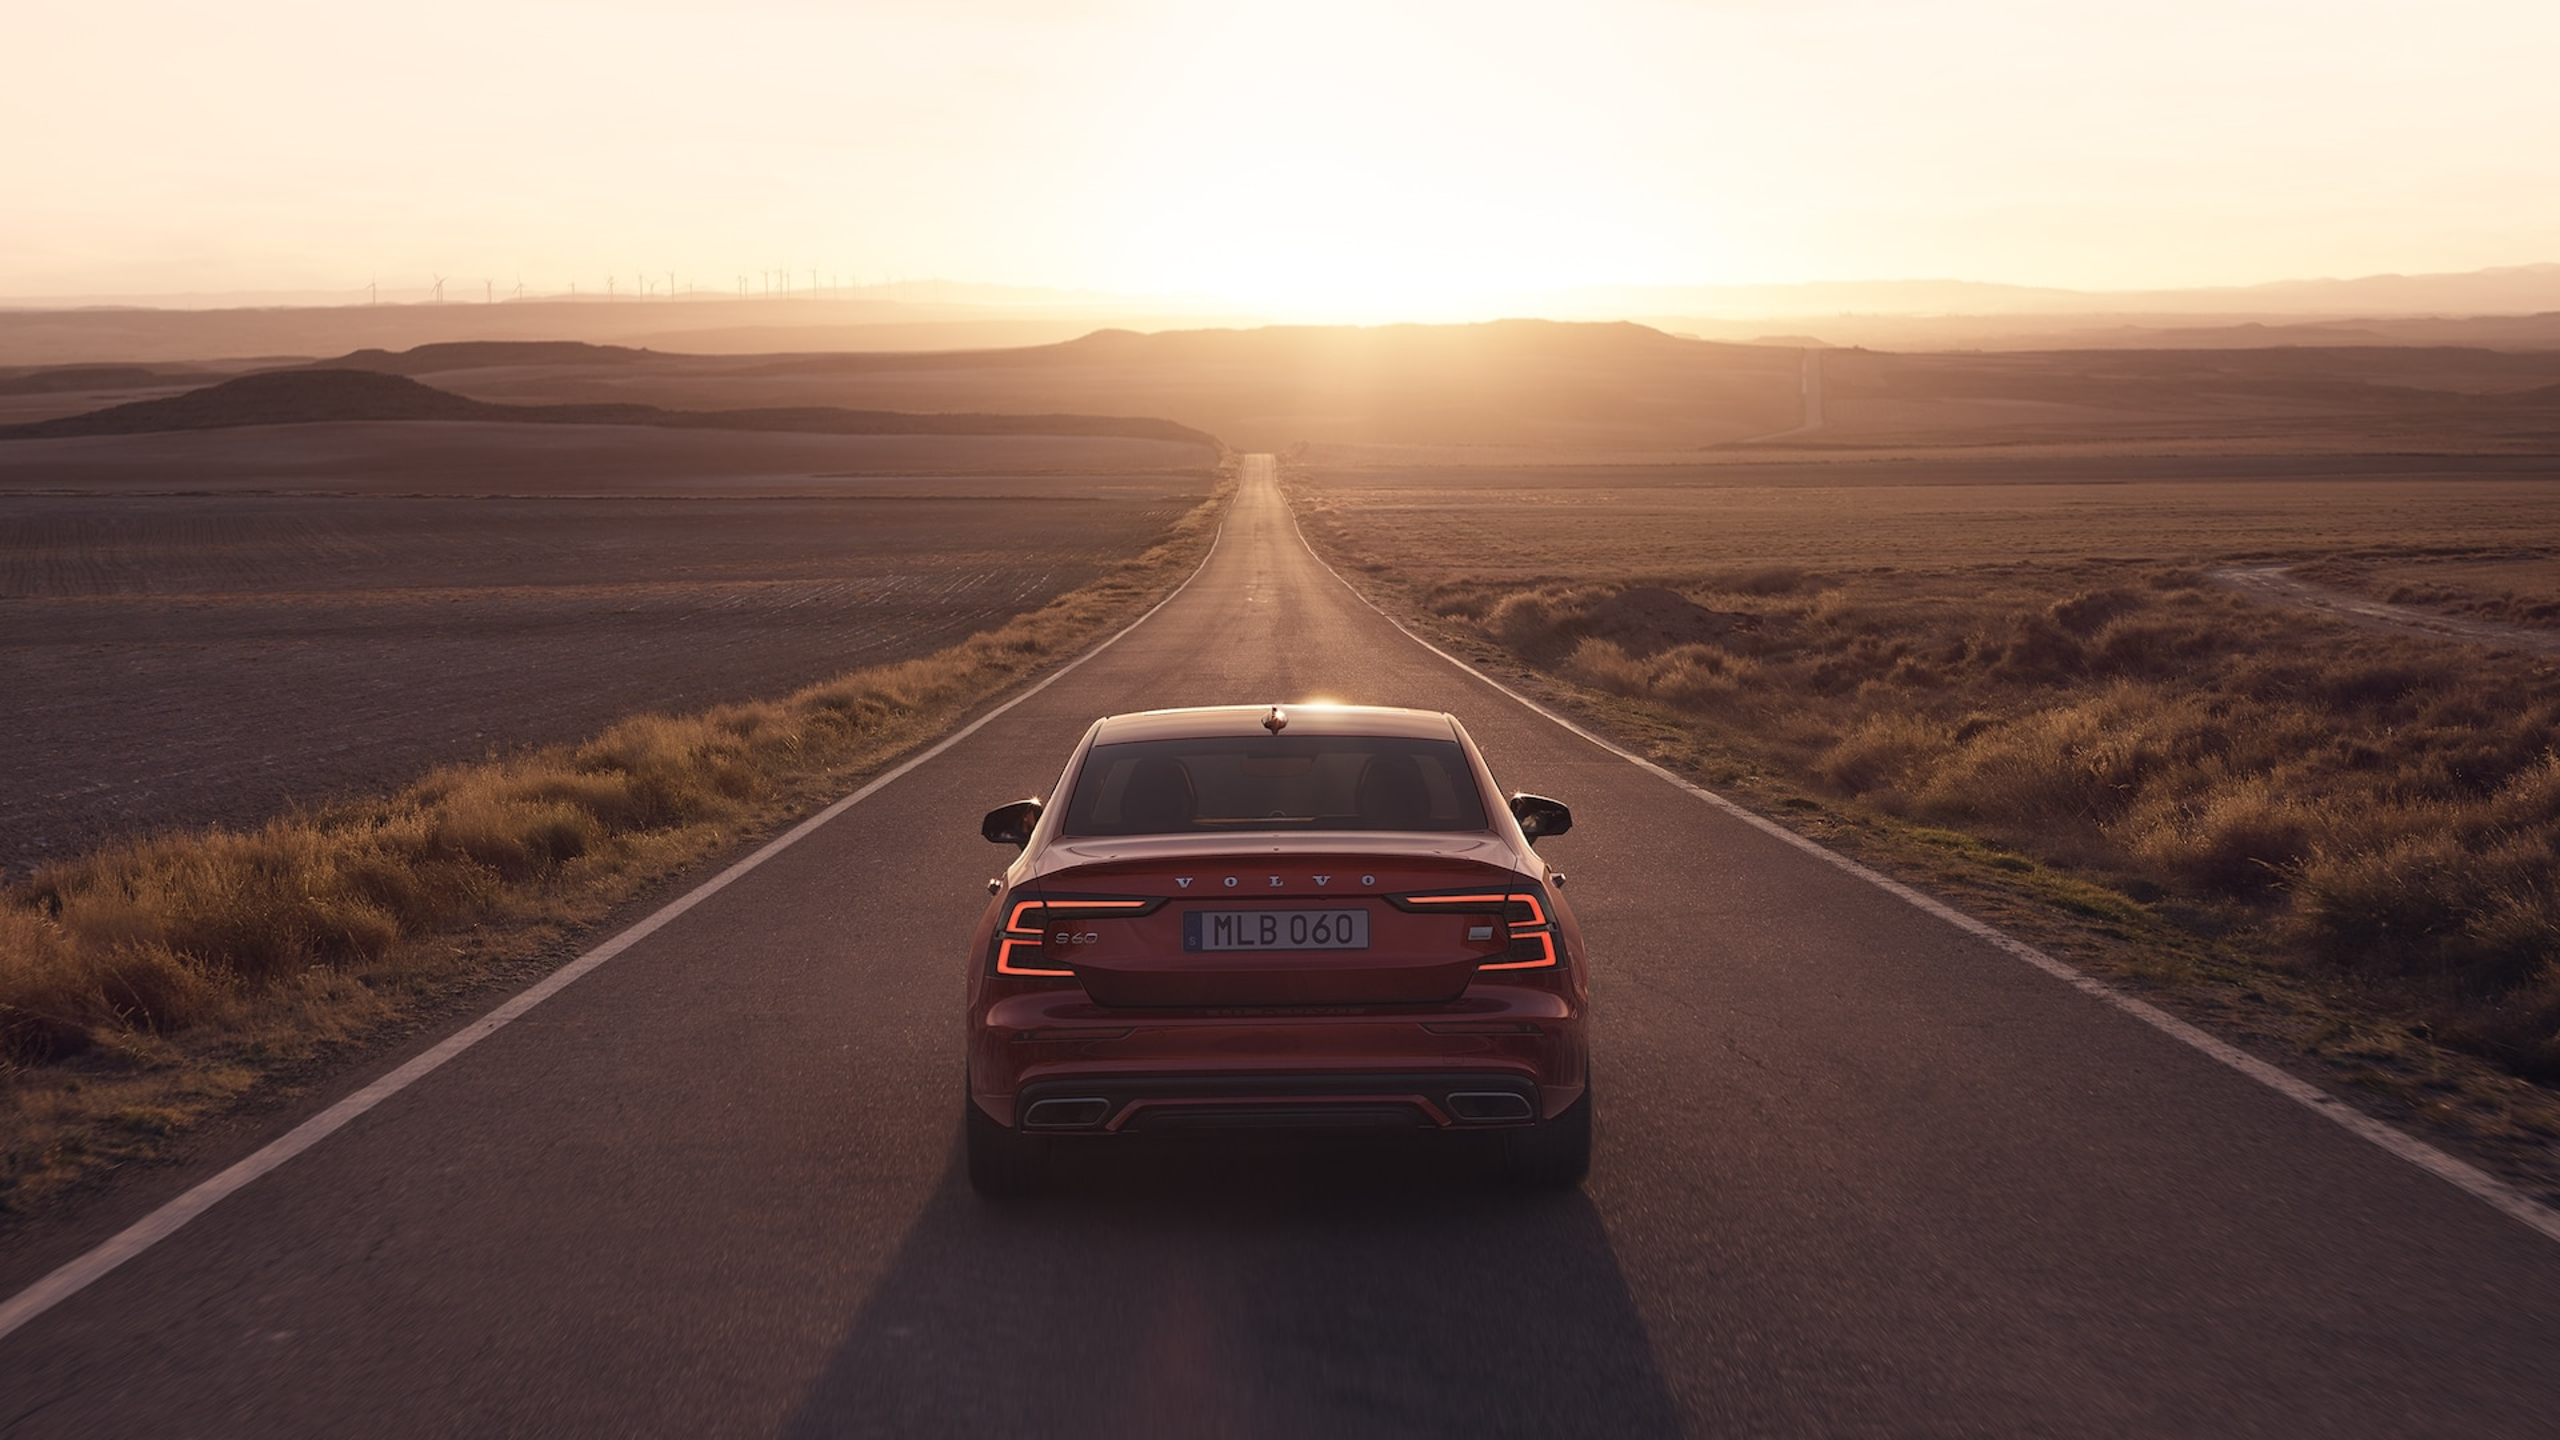 """Raudonas """"Volvo S60 Recharge"""" saulėlydžio metu važiuoja keliu."""